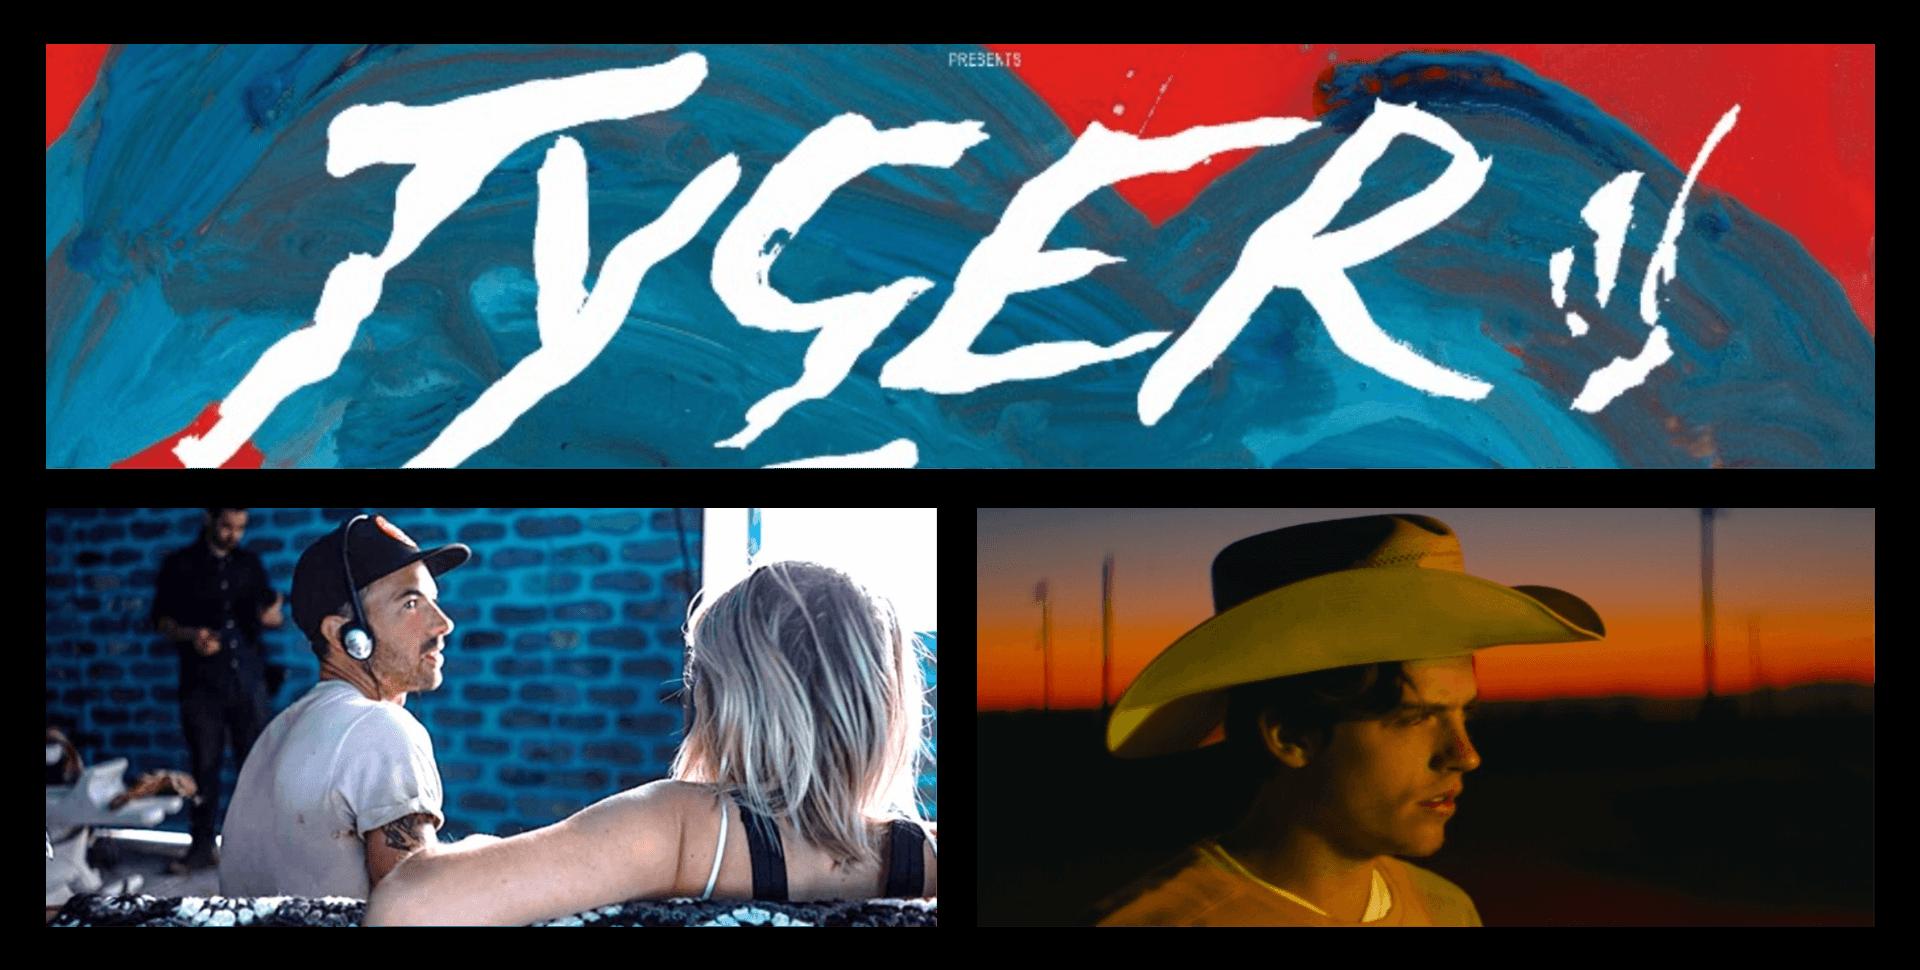 Interview with Tyger Tyger filmmaker Kerry Mondragon